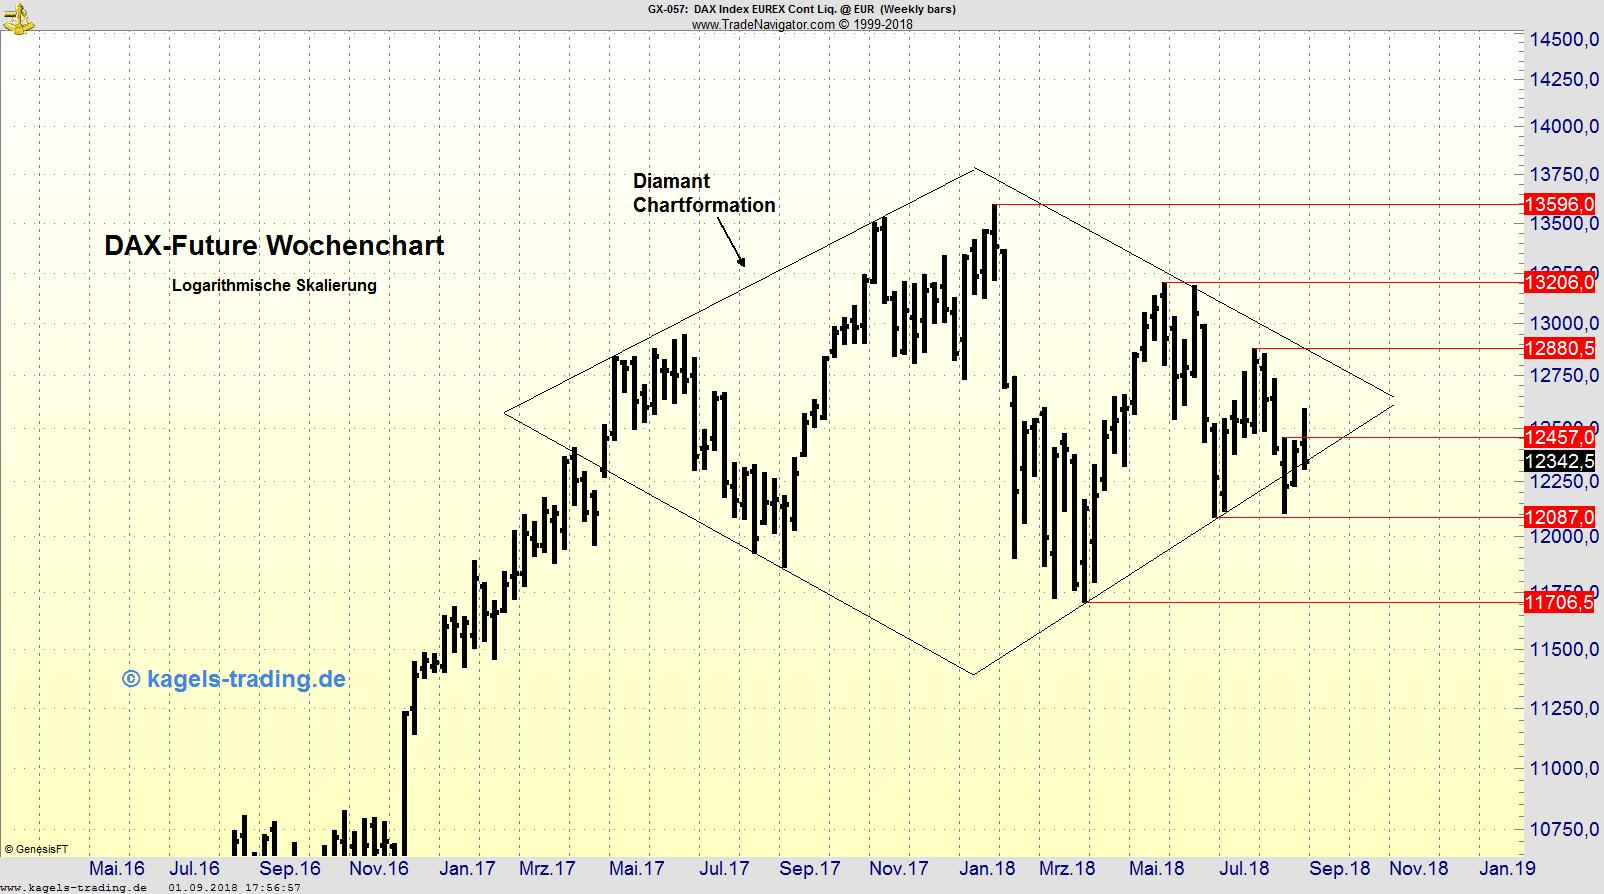 DAX-Future im Wochenchart mit Diamant-Formation